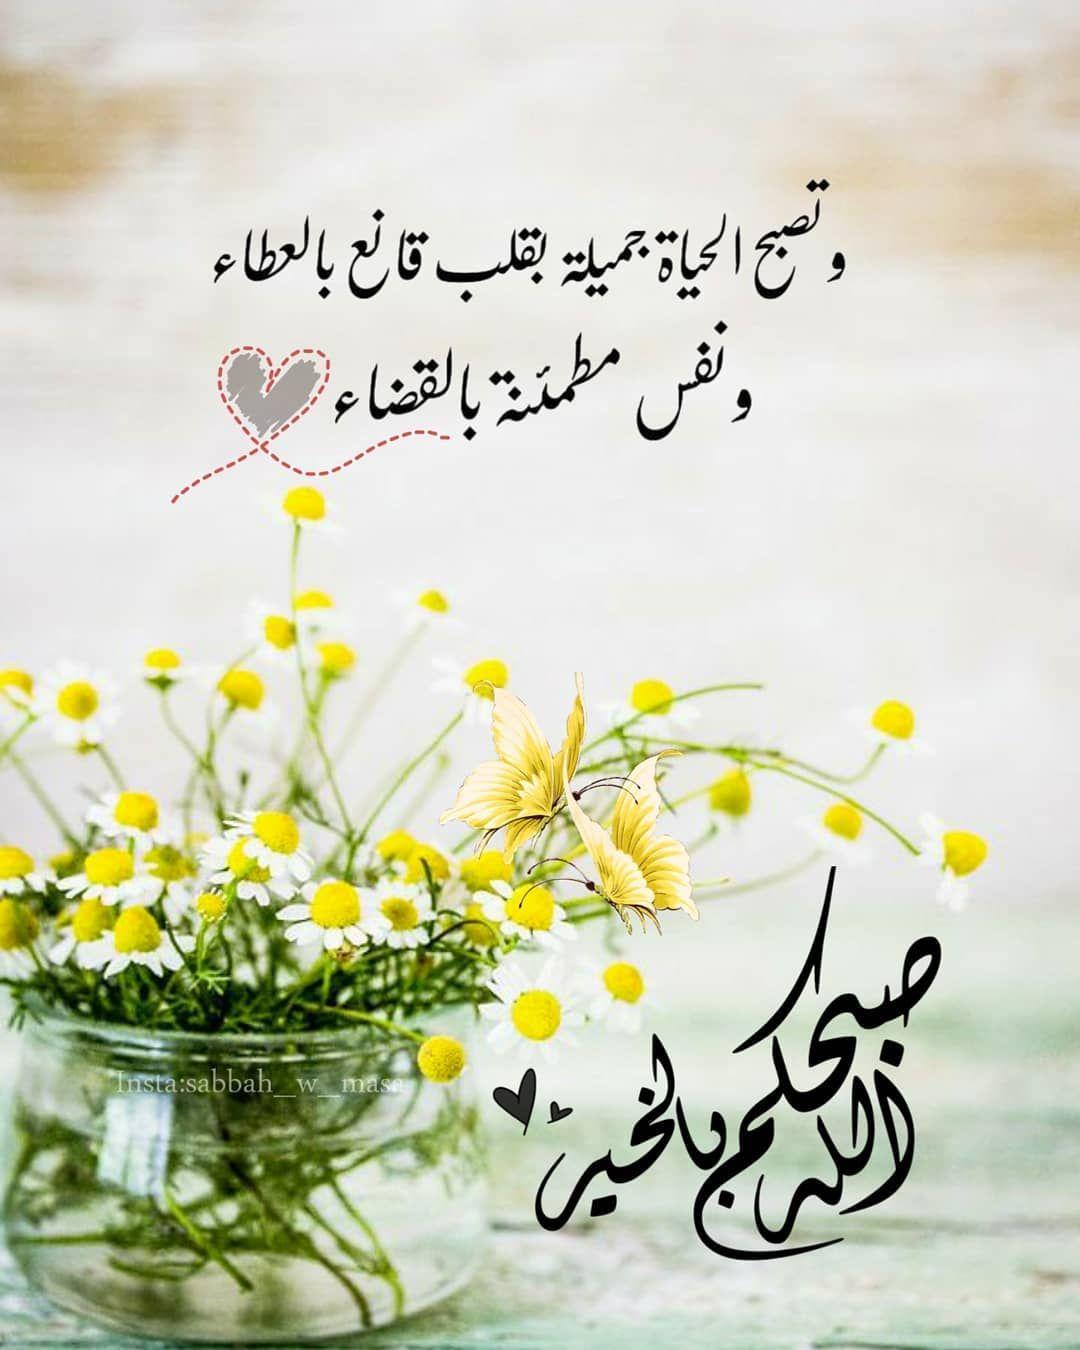 صبح و مساء On Instagram ص با ح الخي رآت و الم س ر ات صباح ال Beautiful Morning Messages Good Morning Greetings Good Morning Arabic